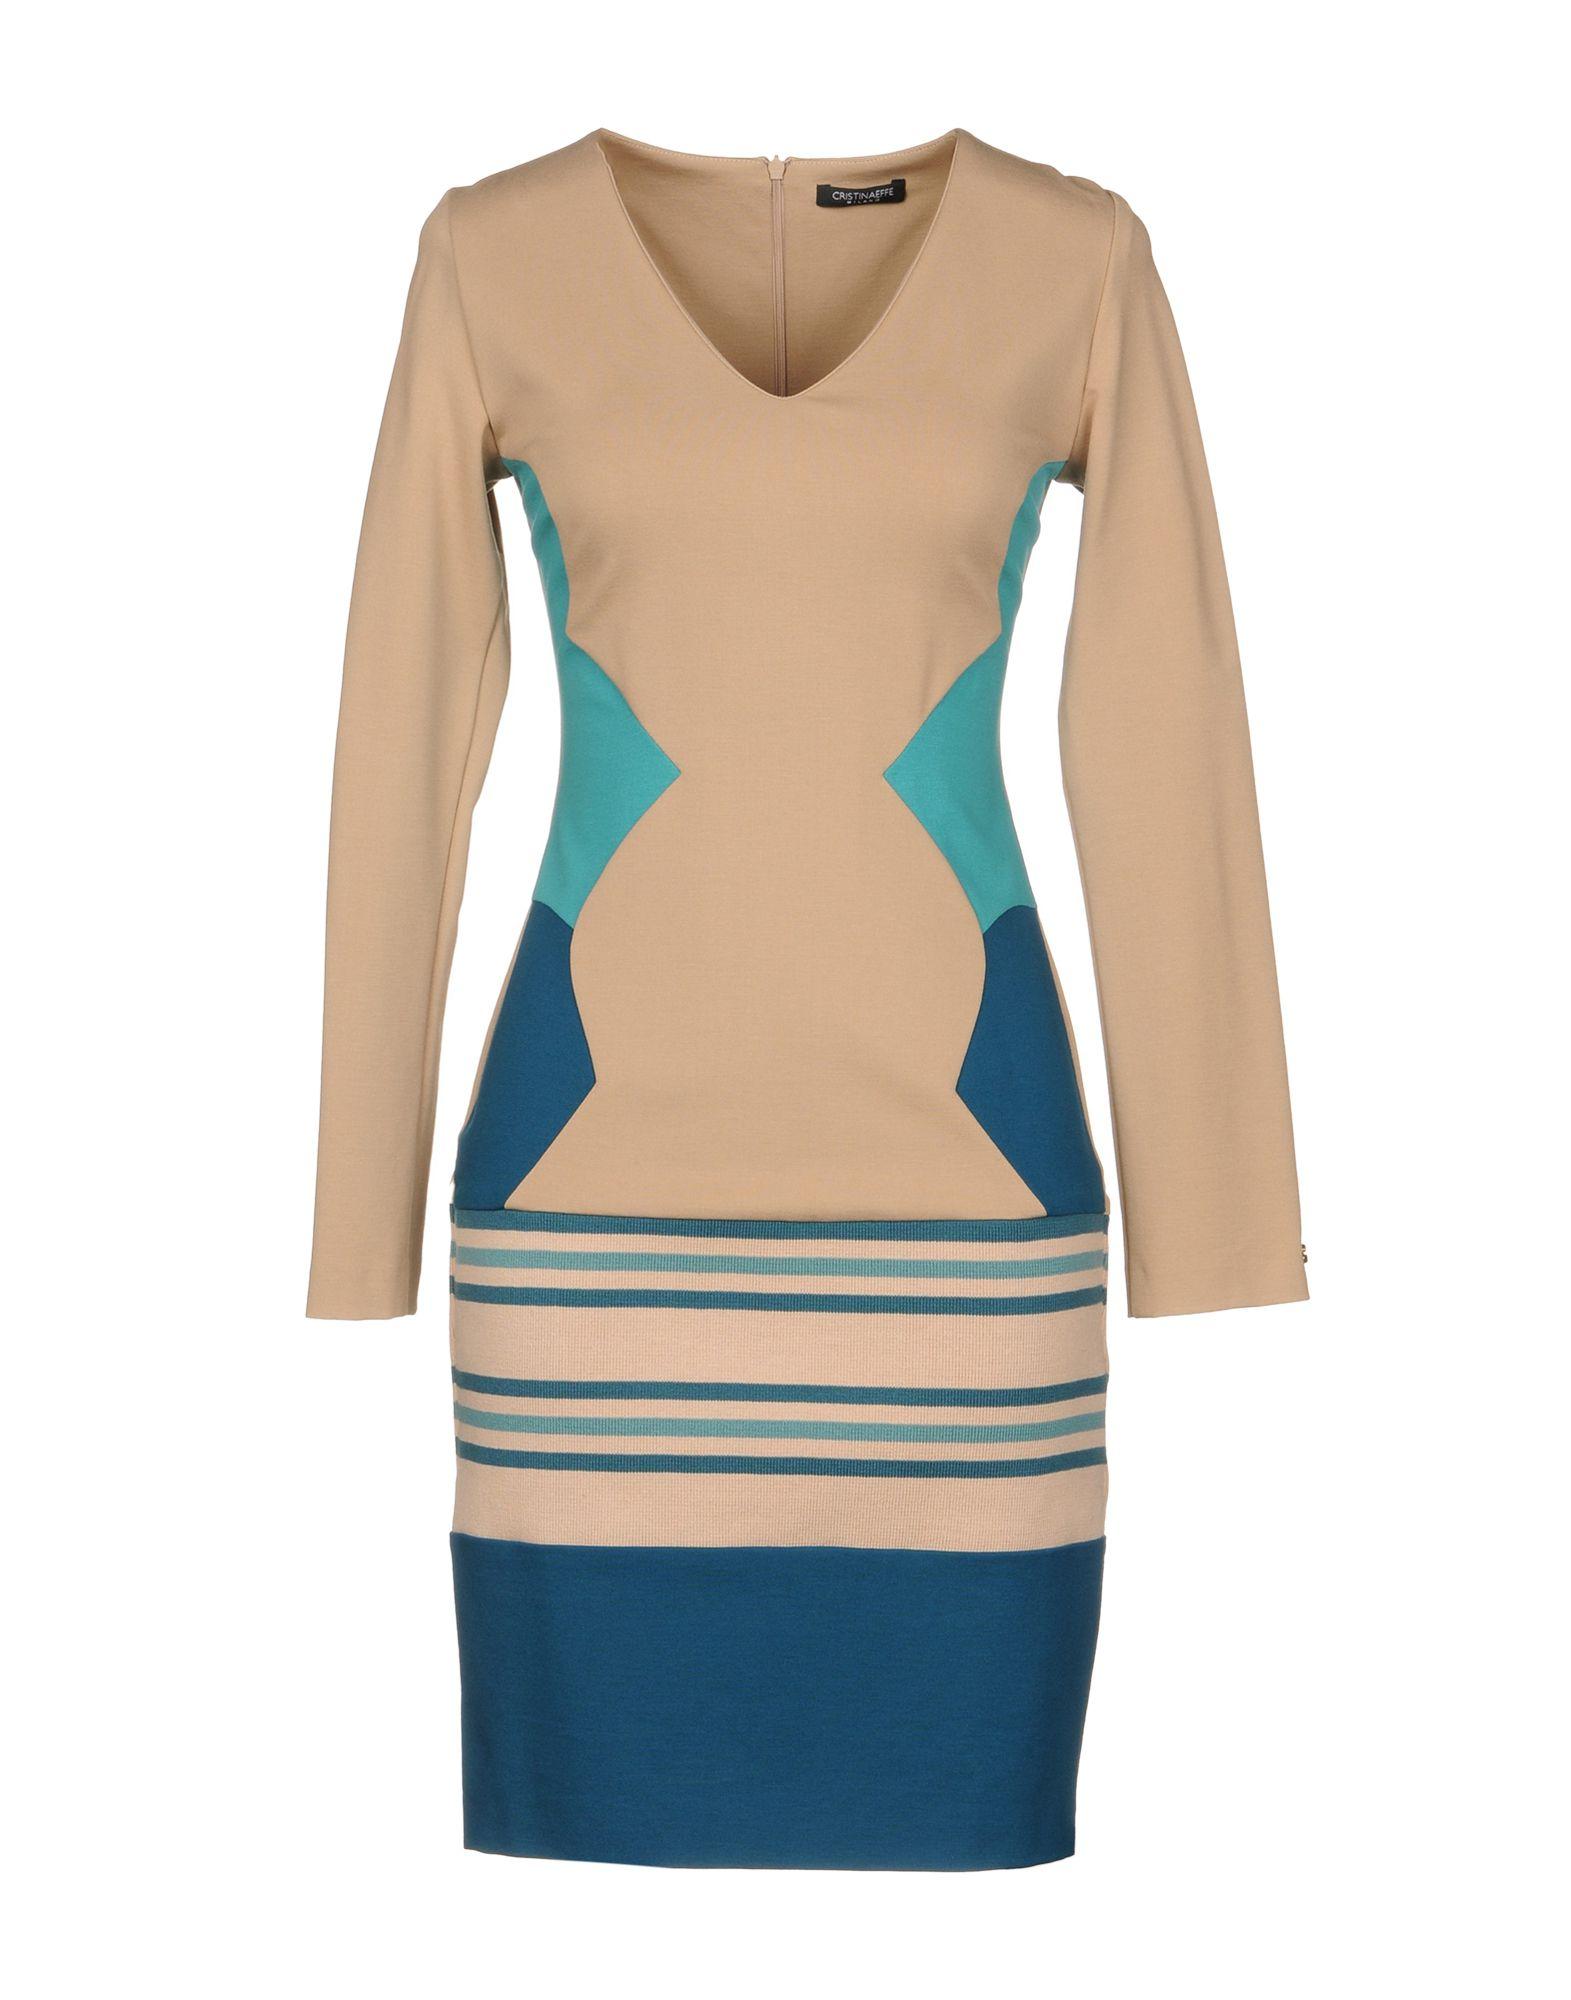 Γυναικεία Φορέματα - Σελίδα 3613  95bc34f25ce